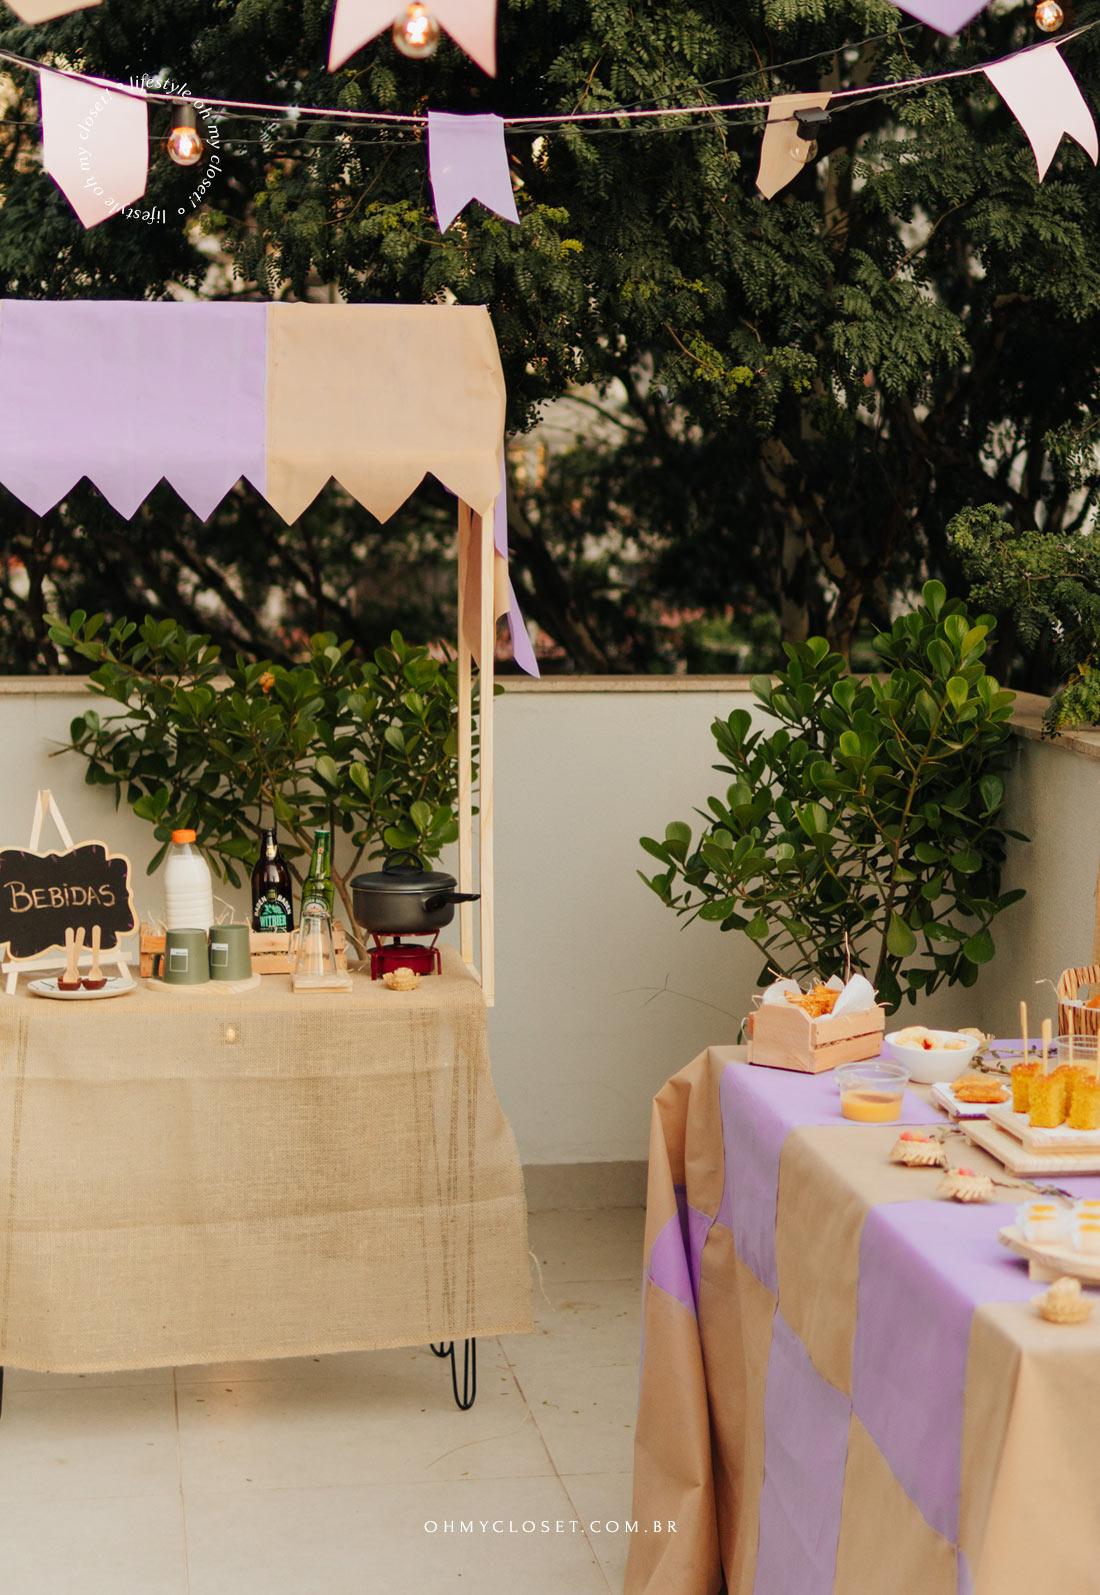 Outro ângulo da decoração para festa junina em casa.